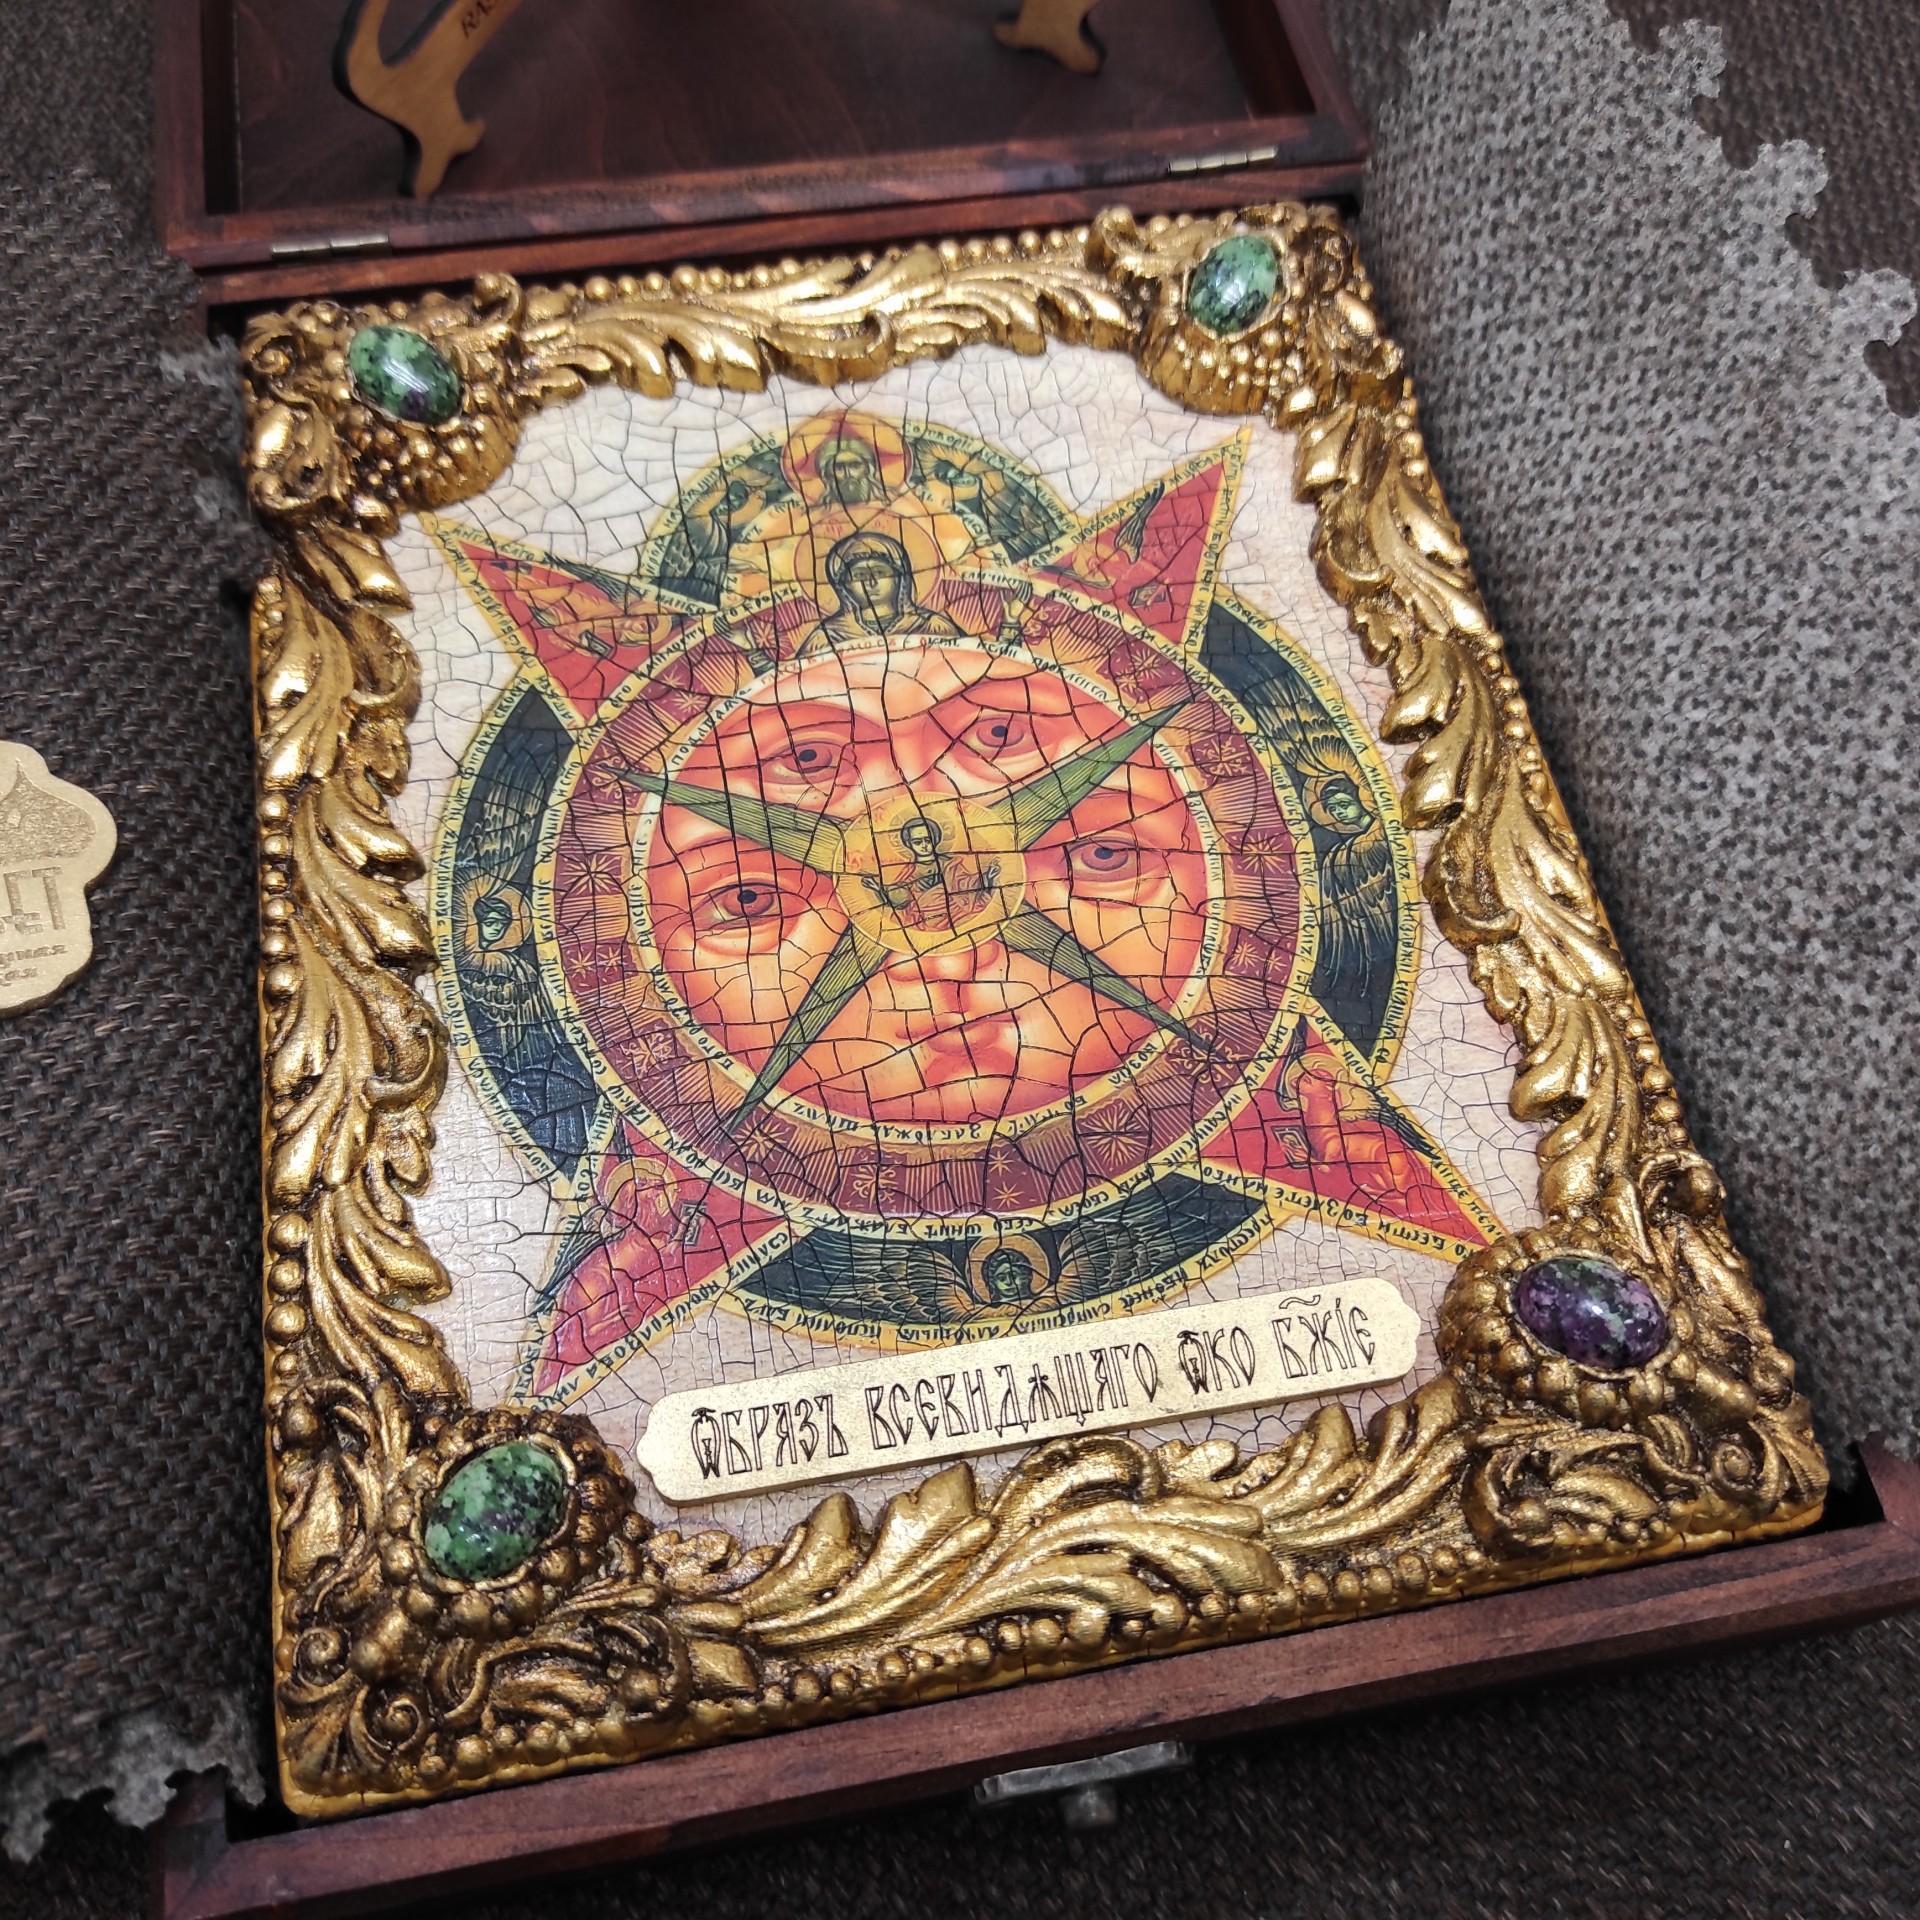 Фото иконы под старину Всевидящее око с иглицами и камнями уложенной в футляре другой ракурс